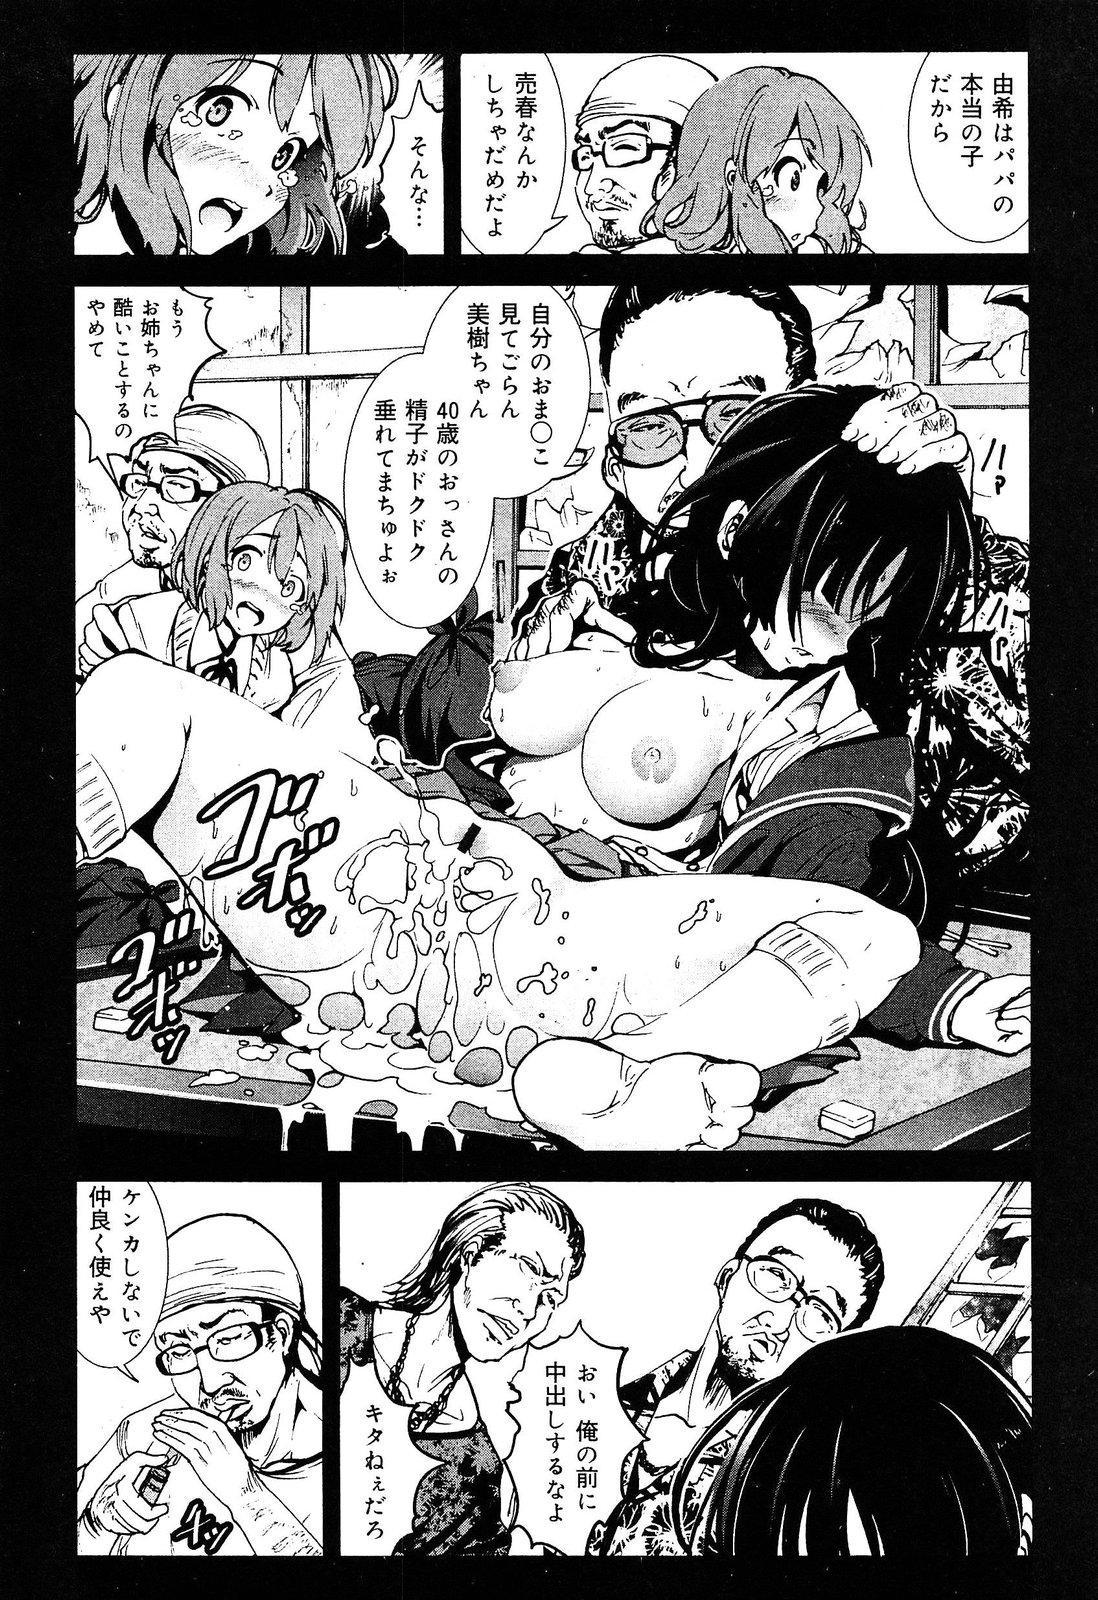 Seifuku Musou Houkago Tokubetsu Koushuu hen 18